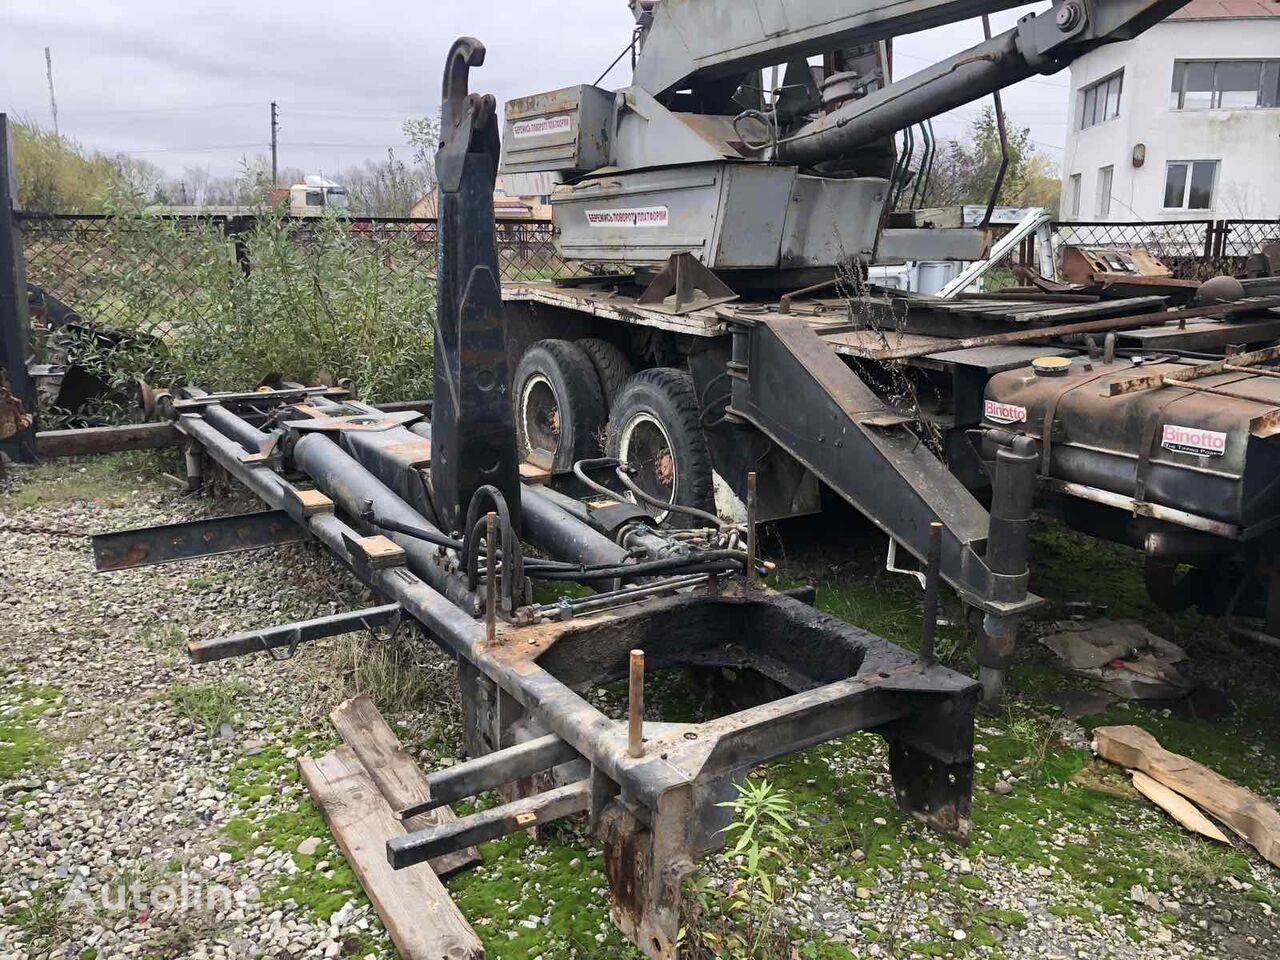 camião polibenne PALFINGER PLT 18 – 1998 i Marrel 3270 – 1989 rv (5,8m)